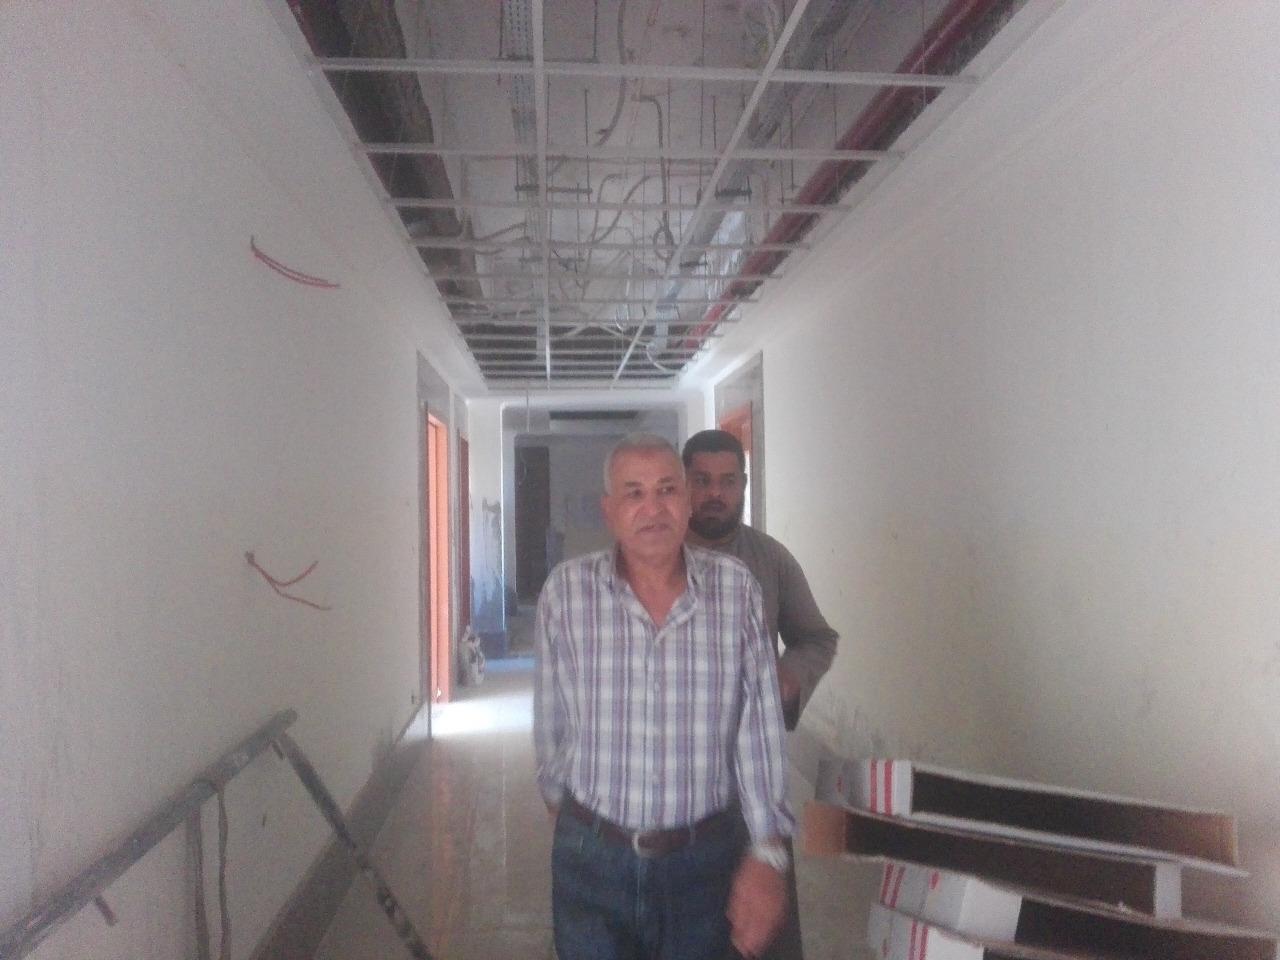 رئيس مدينة إسنا يعلن قائمة المشروعات التي يجري تنفيذها (2)